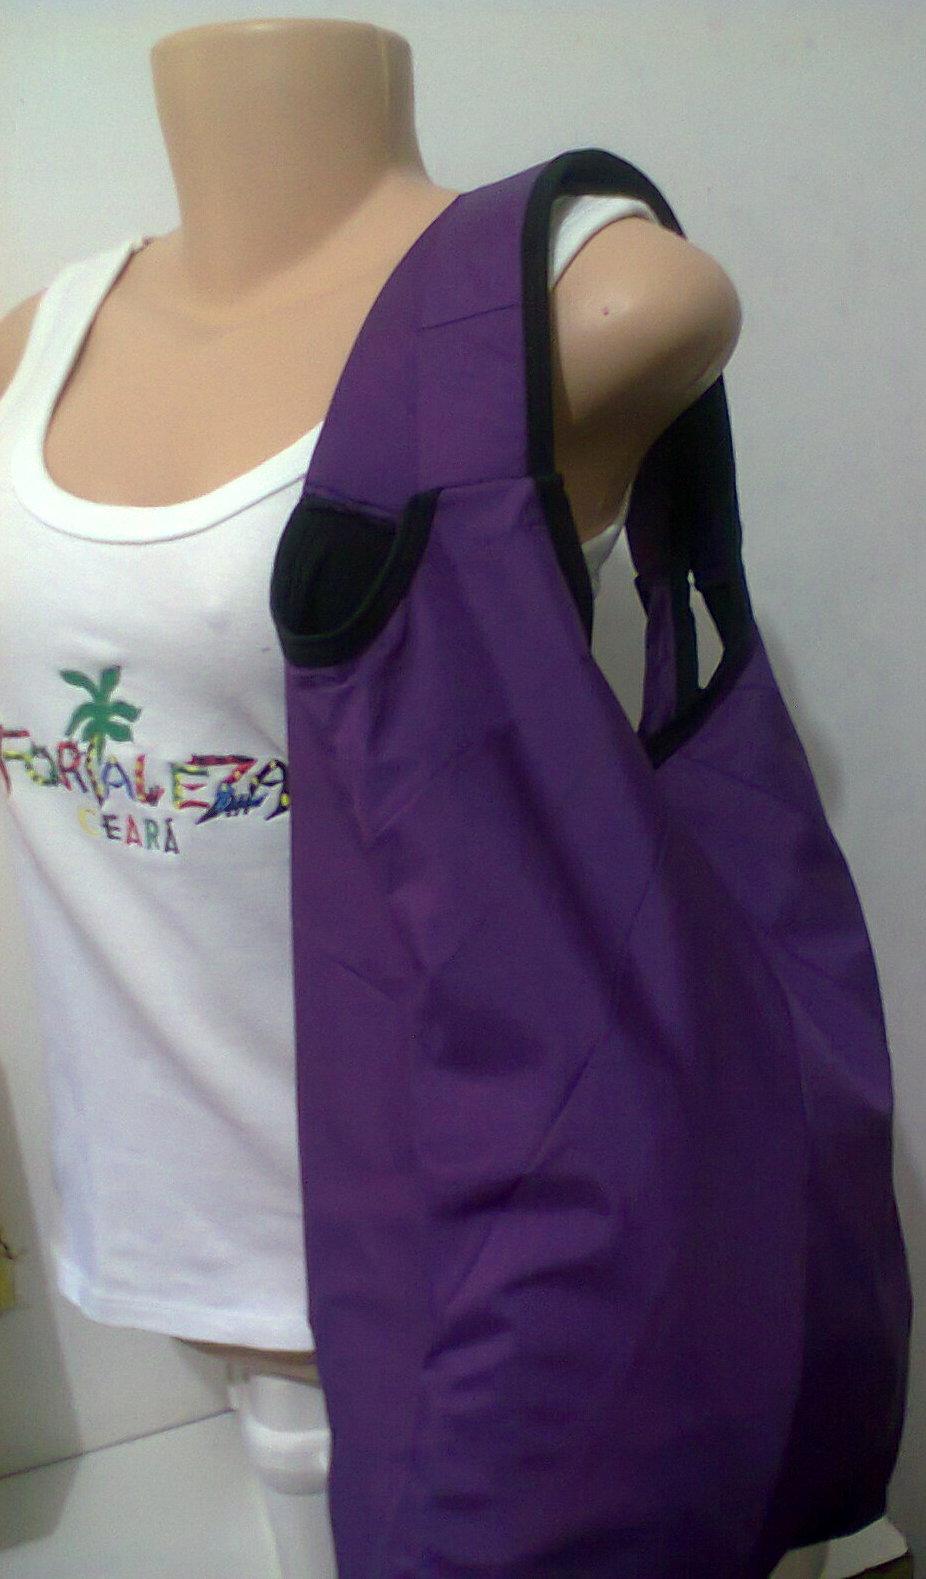 Bolsa De Tecido Forrada : Ecobag de nylom forrada com oxford sol wear ltda elo